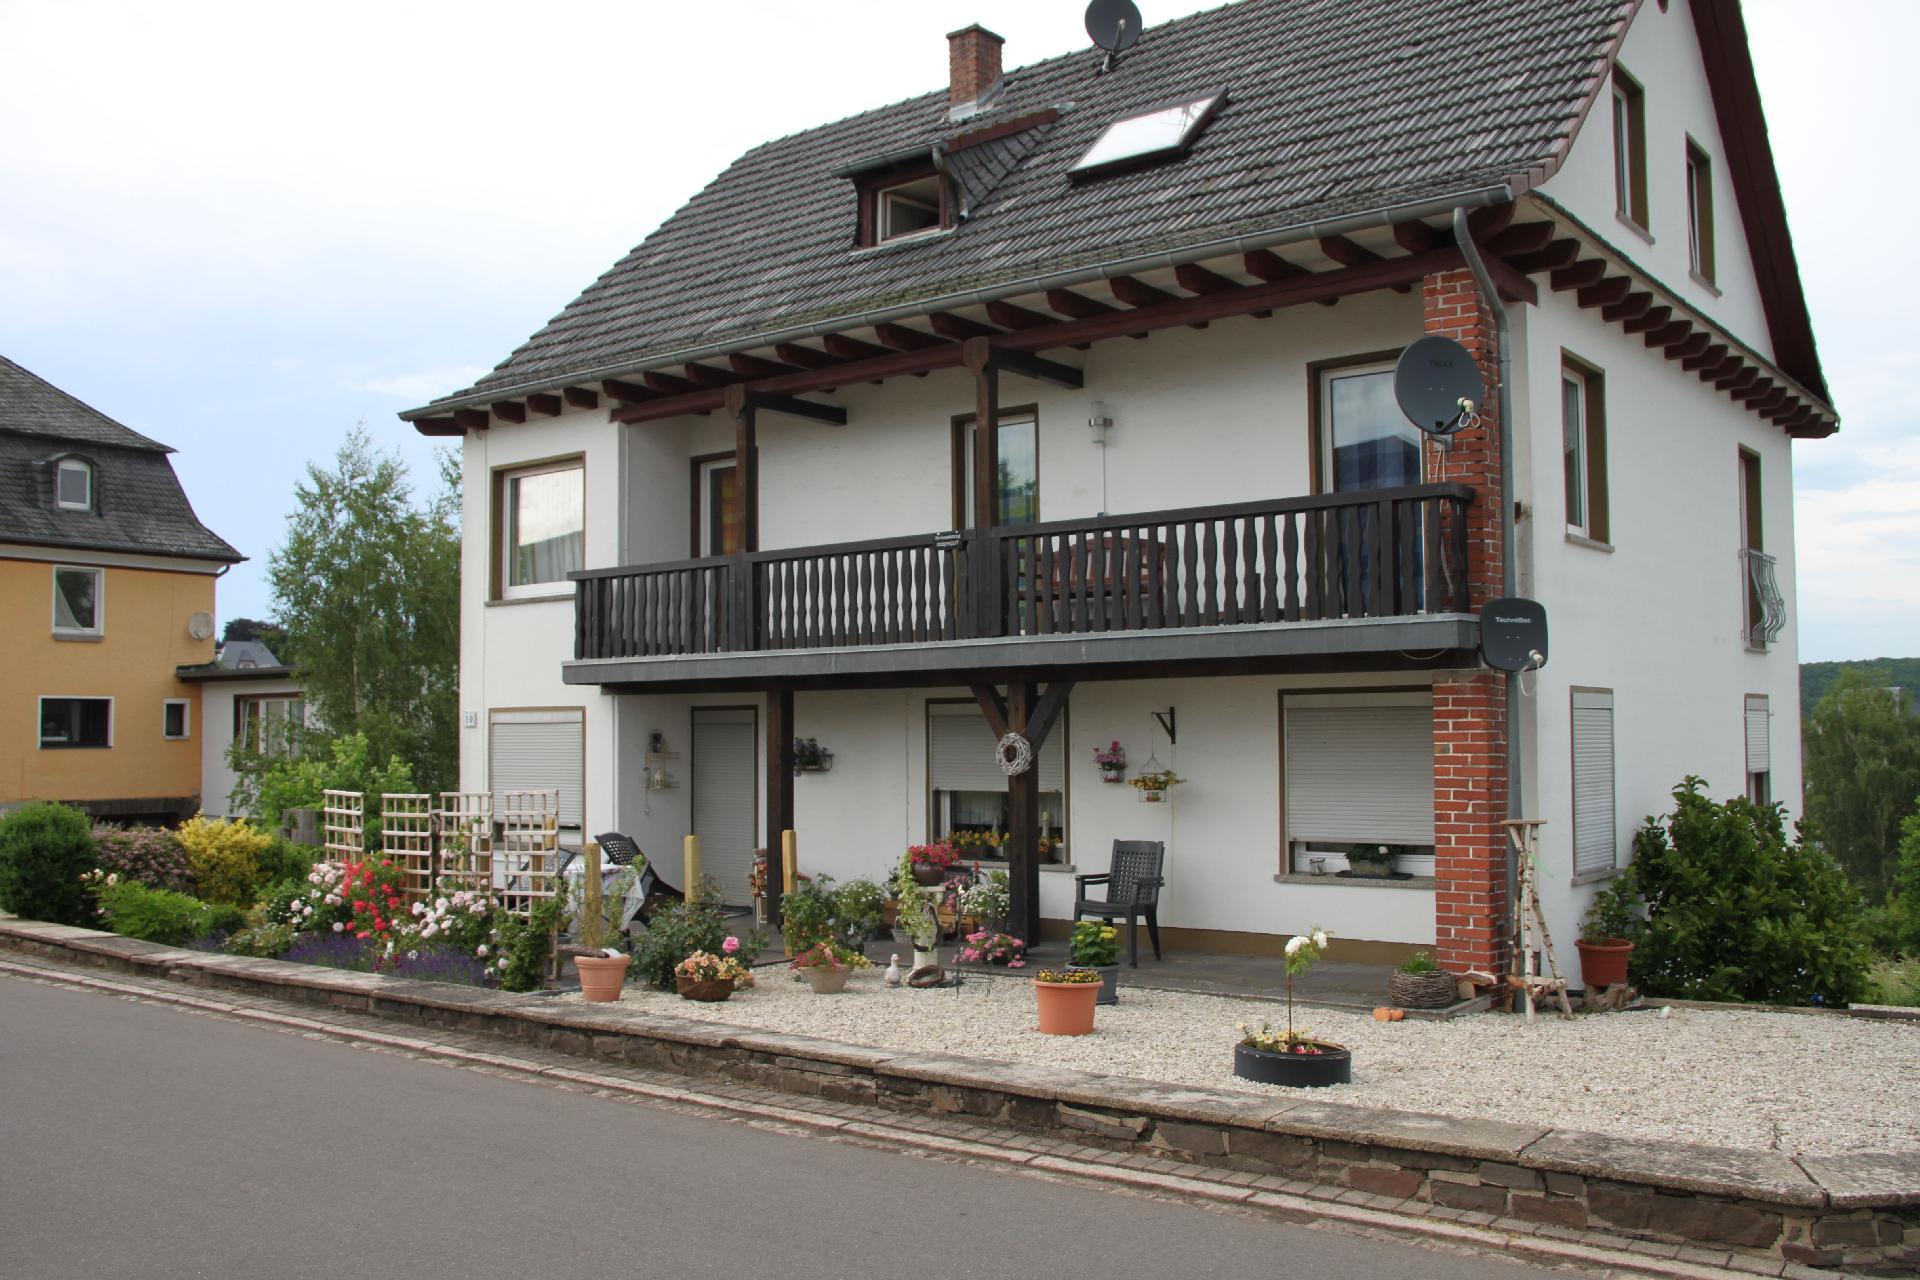 Ferienwohnung für 4 Personen ca. 77 m² i   Eifel Rheinland Pfalz